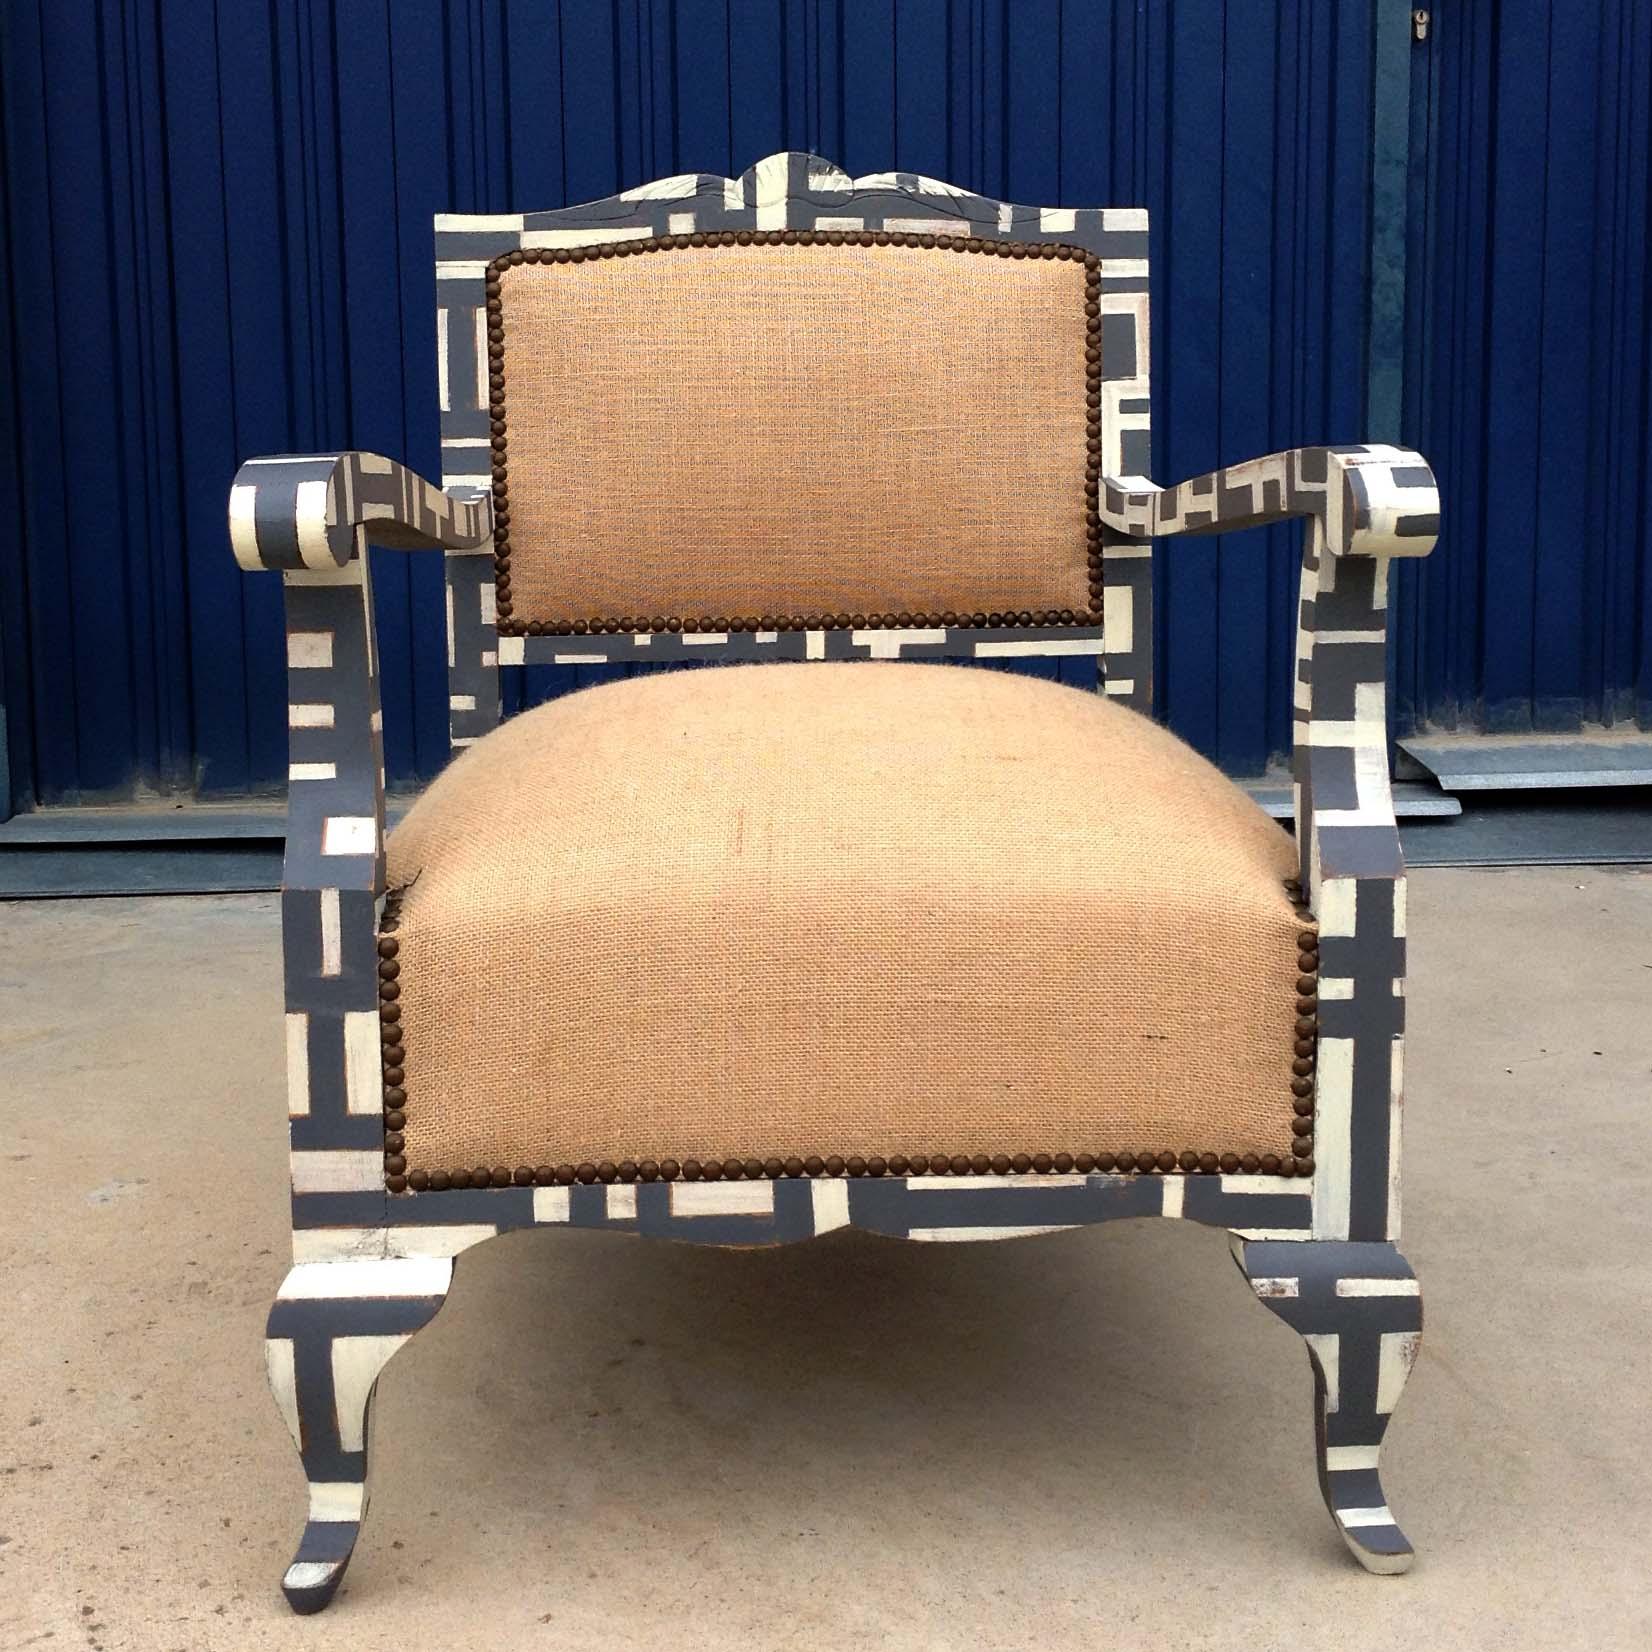 Muebles vintage reciclados muebles vintage reciclados for Muebles vintage reciclados